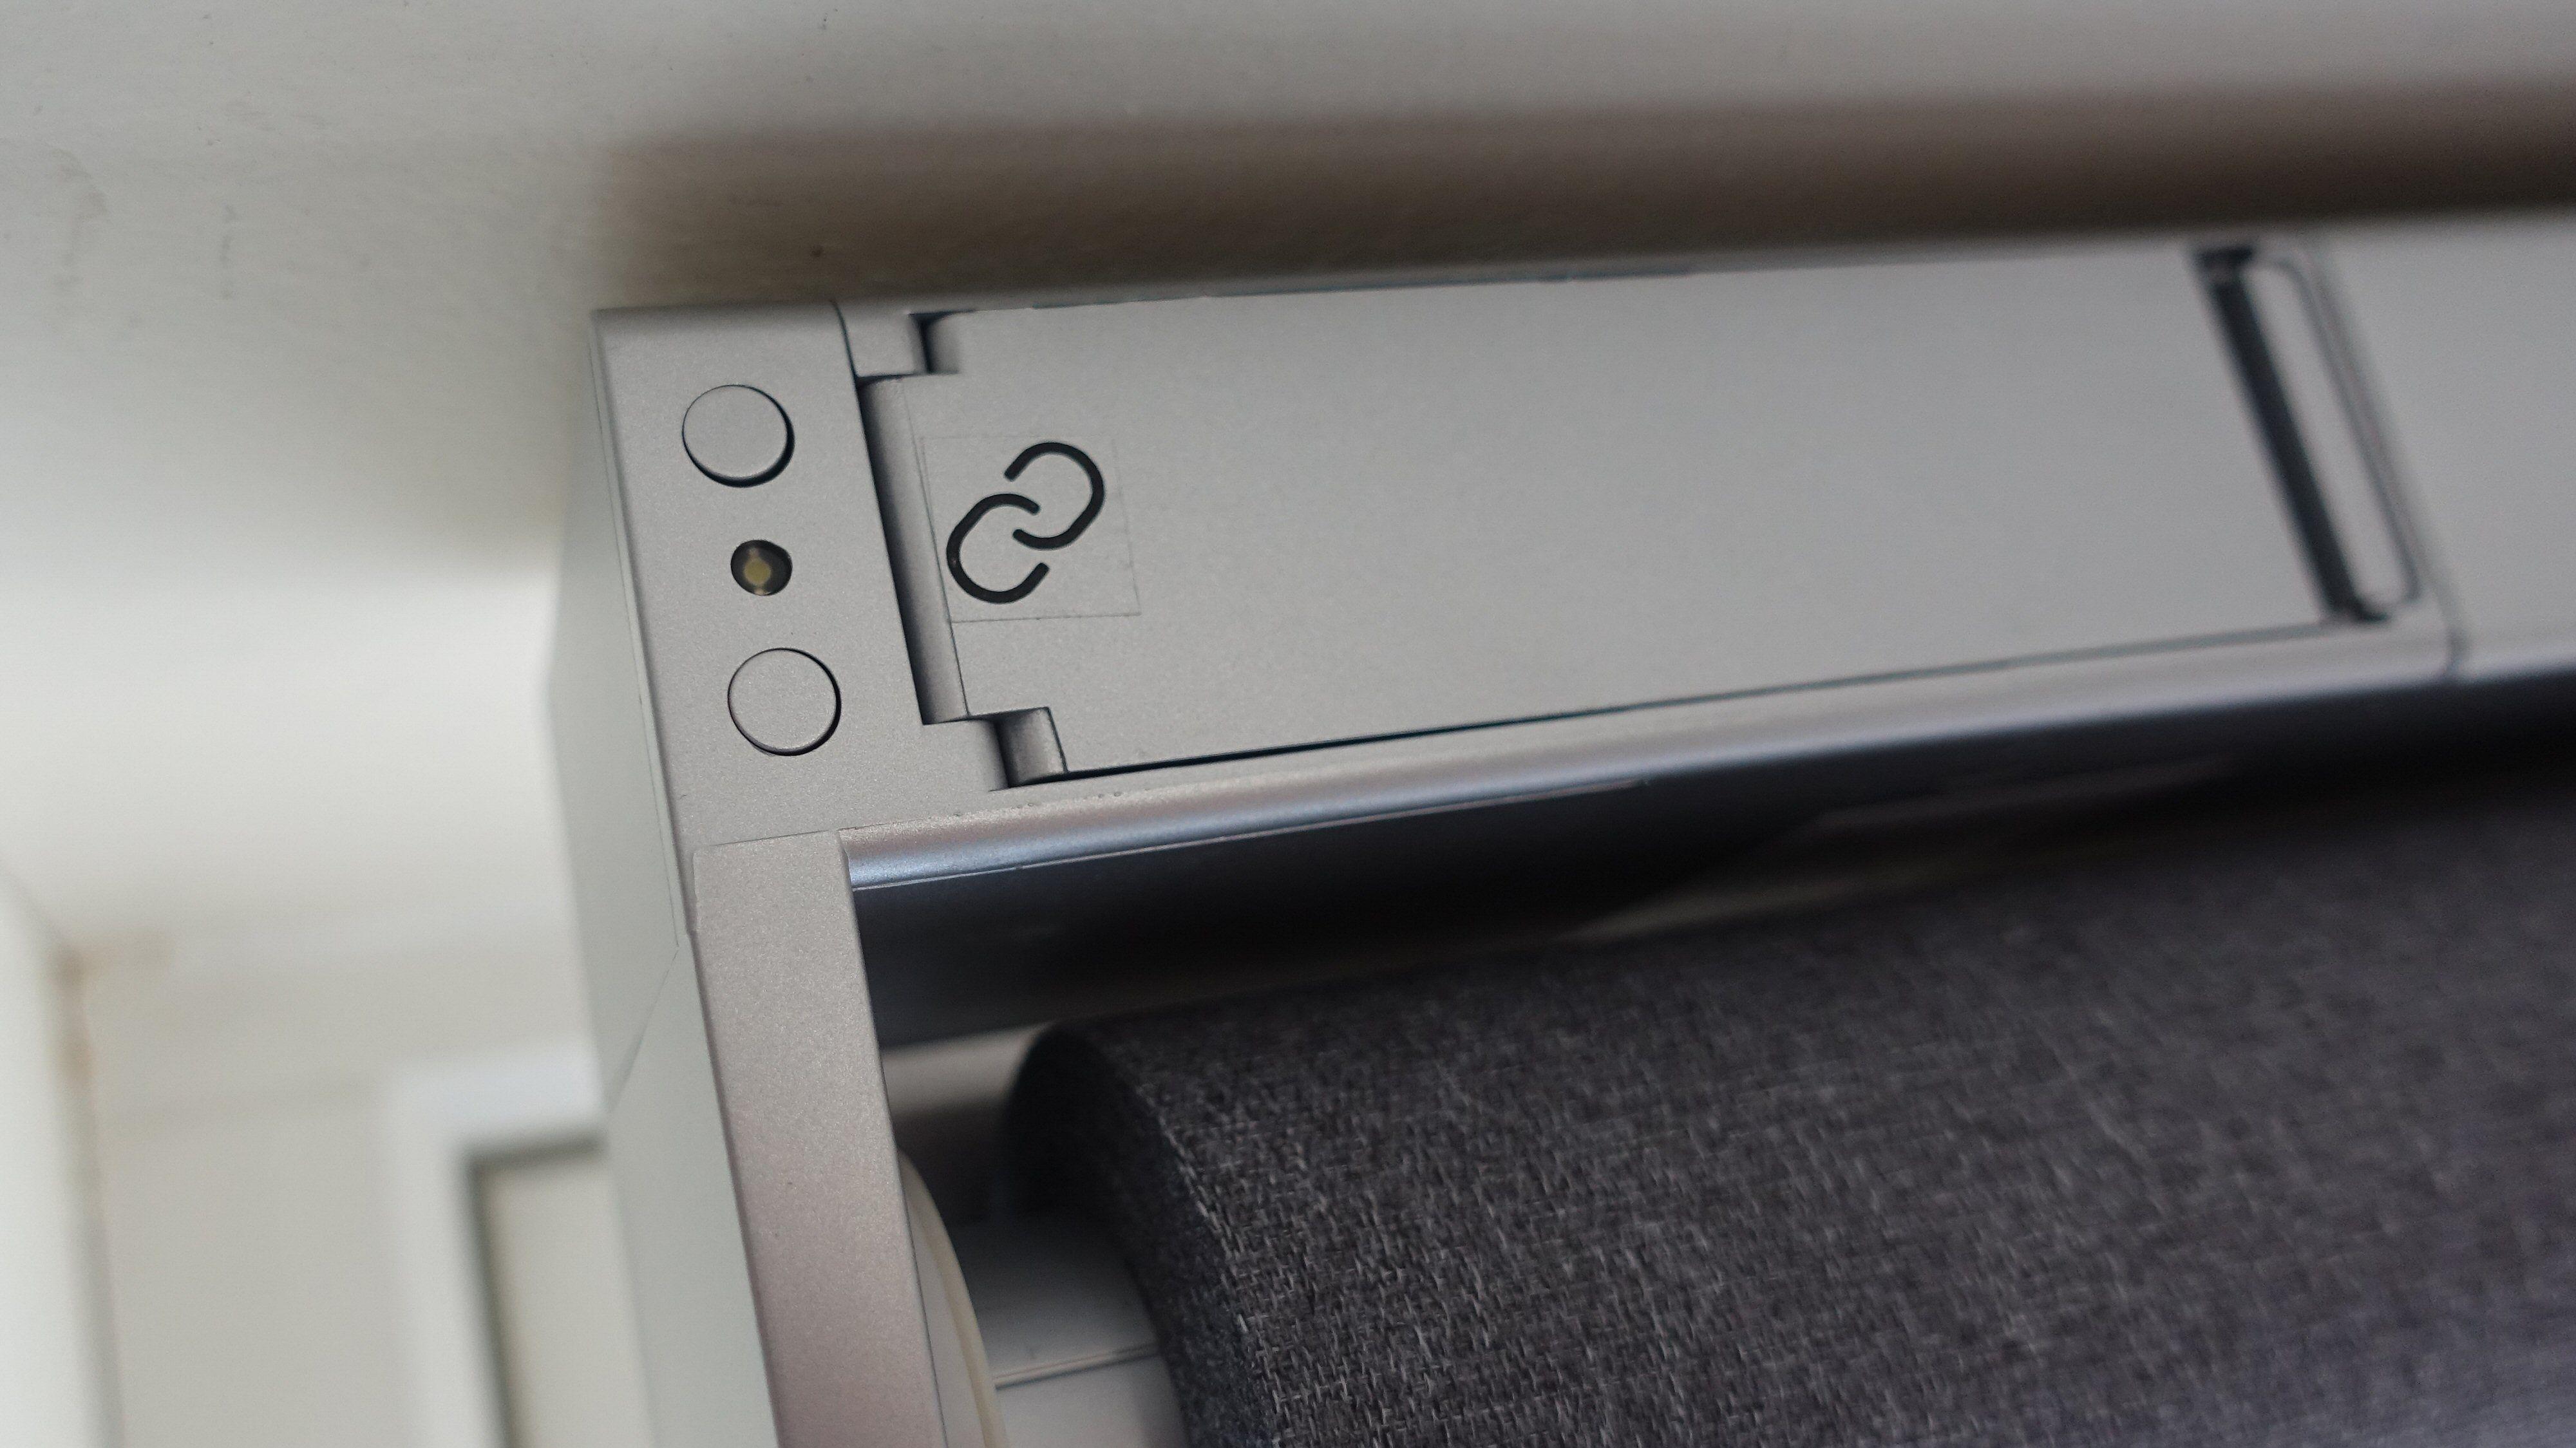 Til venstre for batteriluken finner vi to små knapper som også kan kjøre gardinen opp og ned.